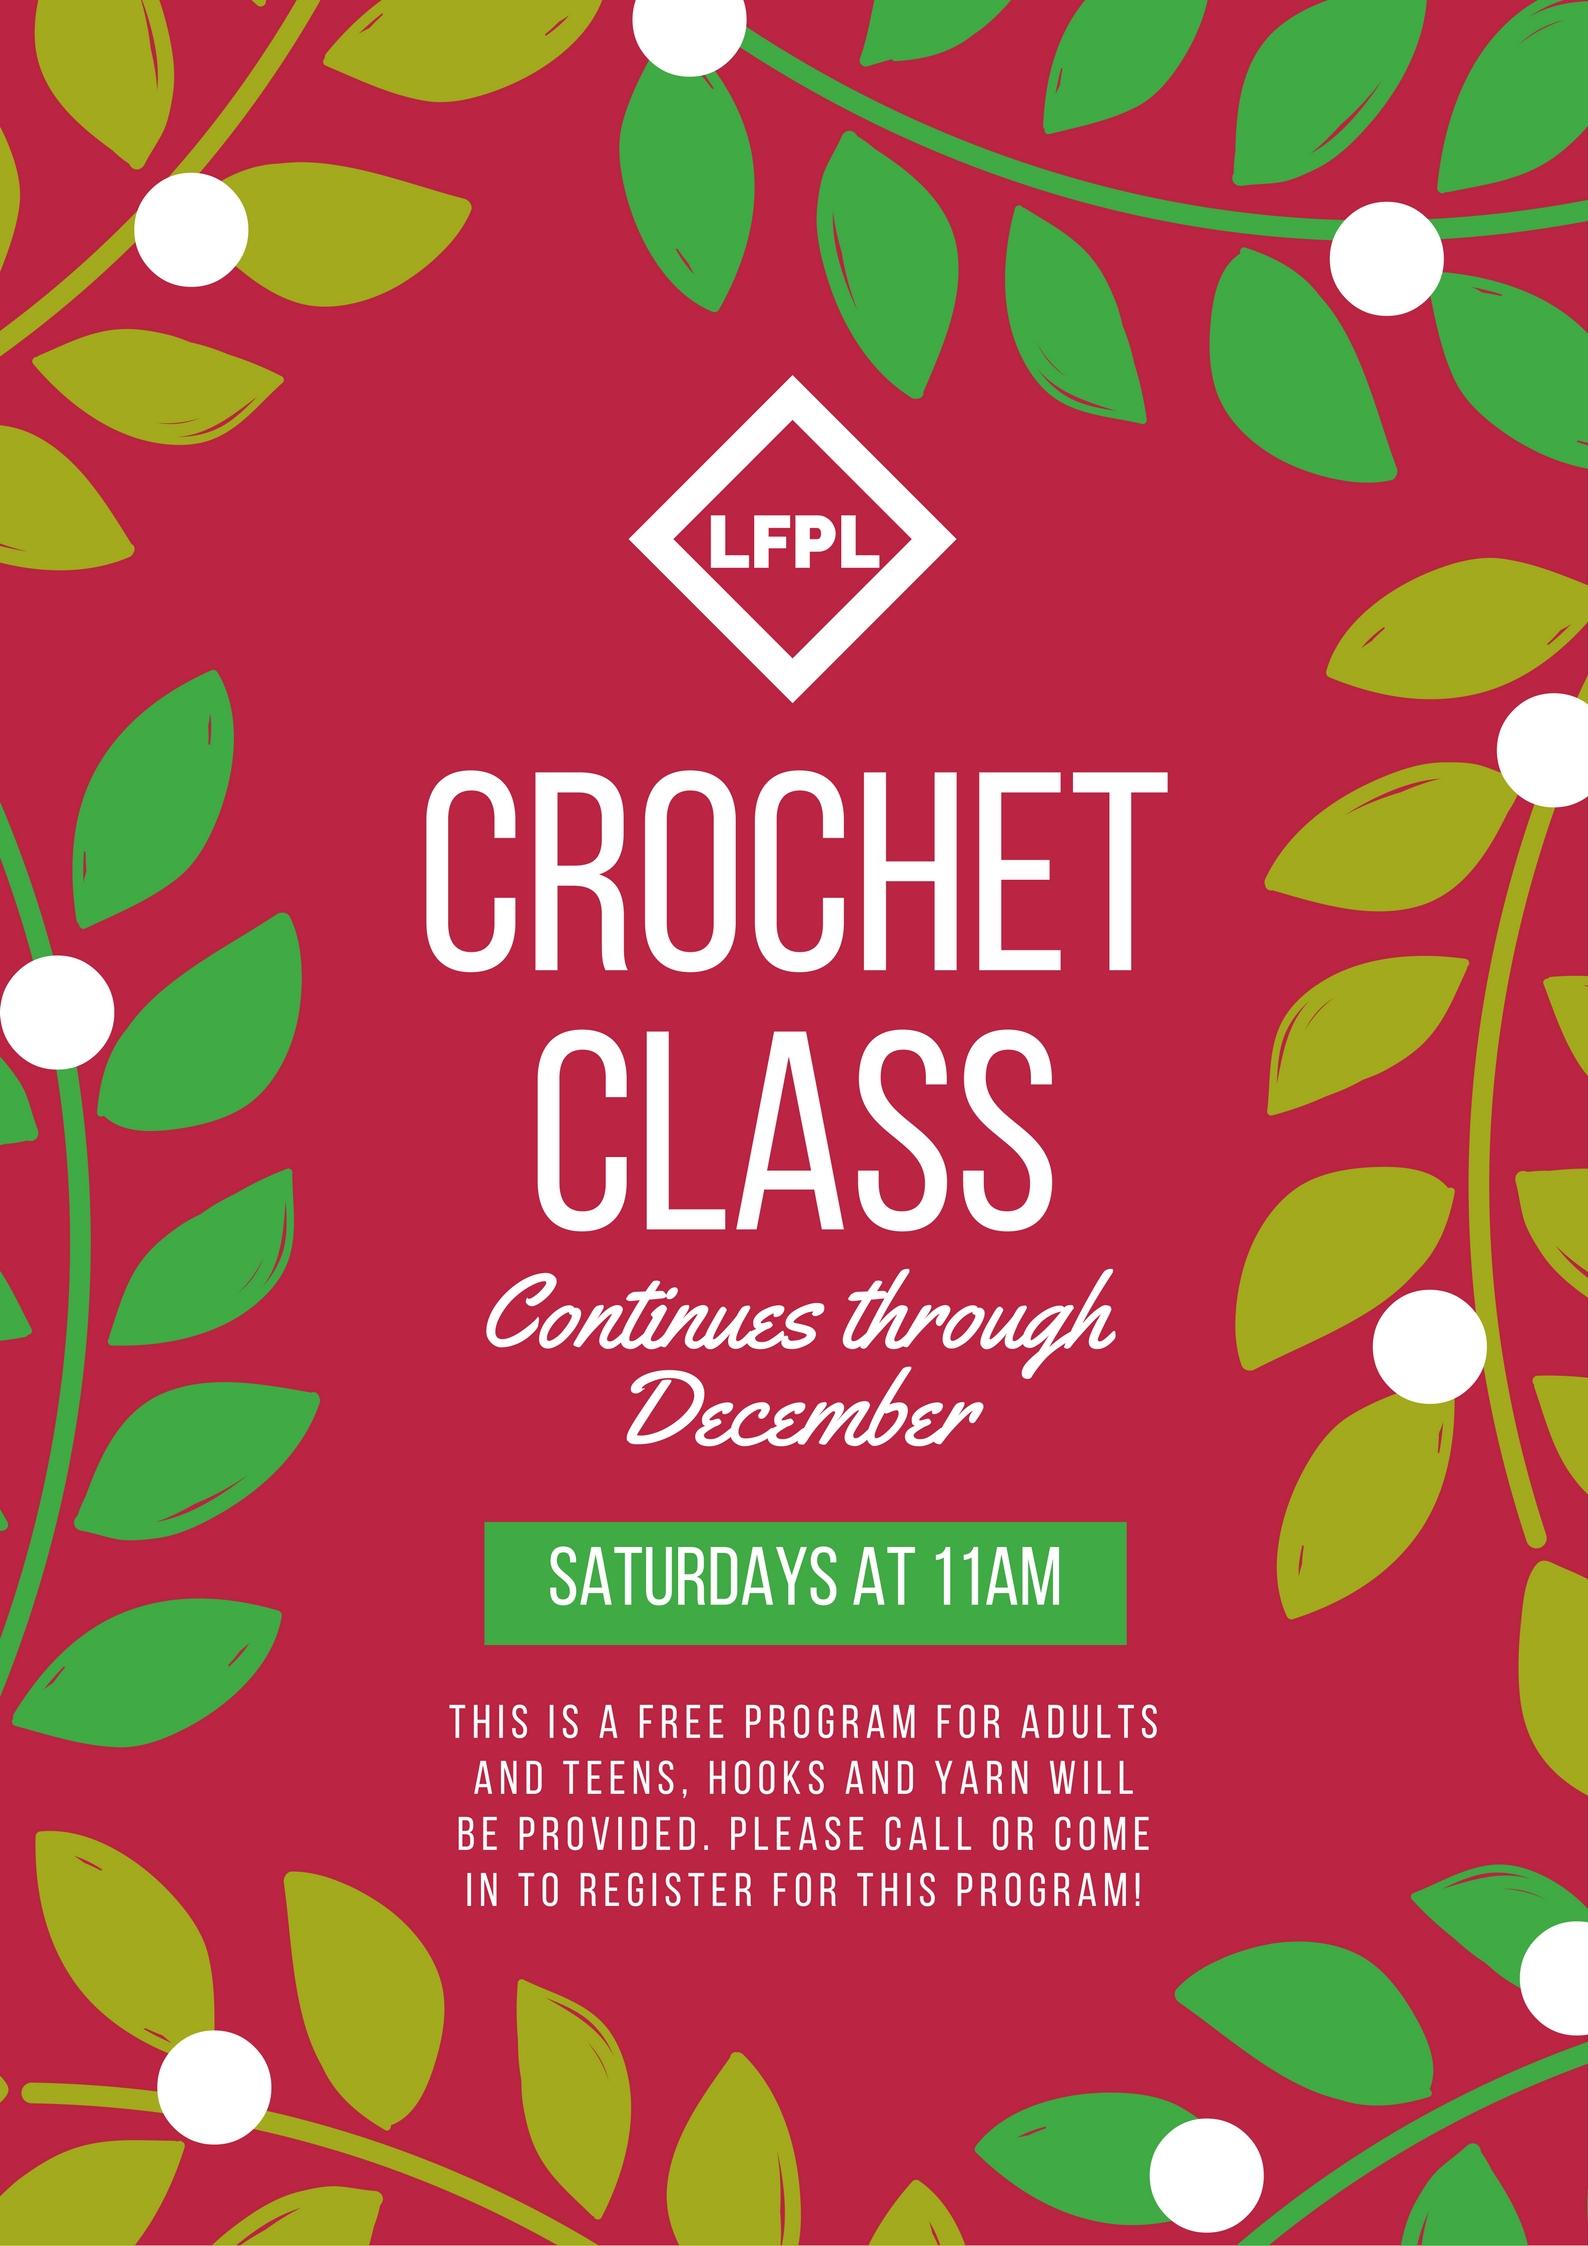 Beginner Crochet Class December The Little Falls Public Library